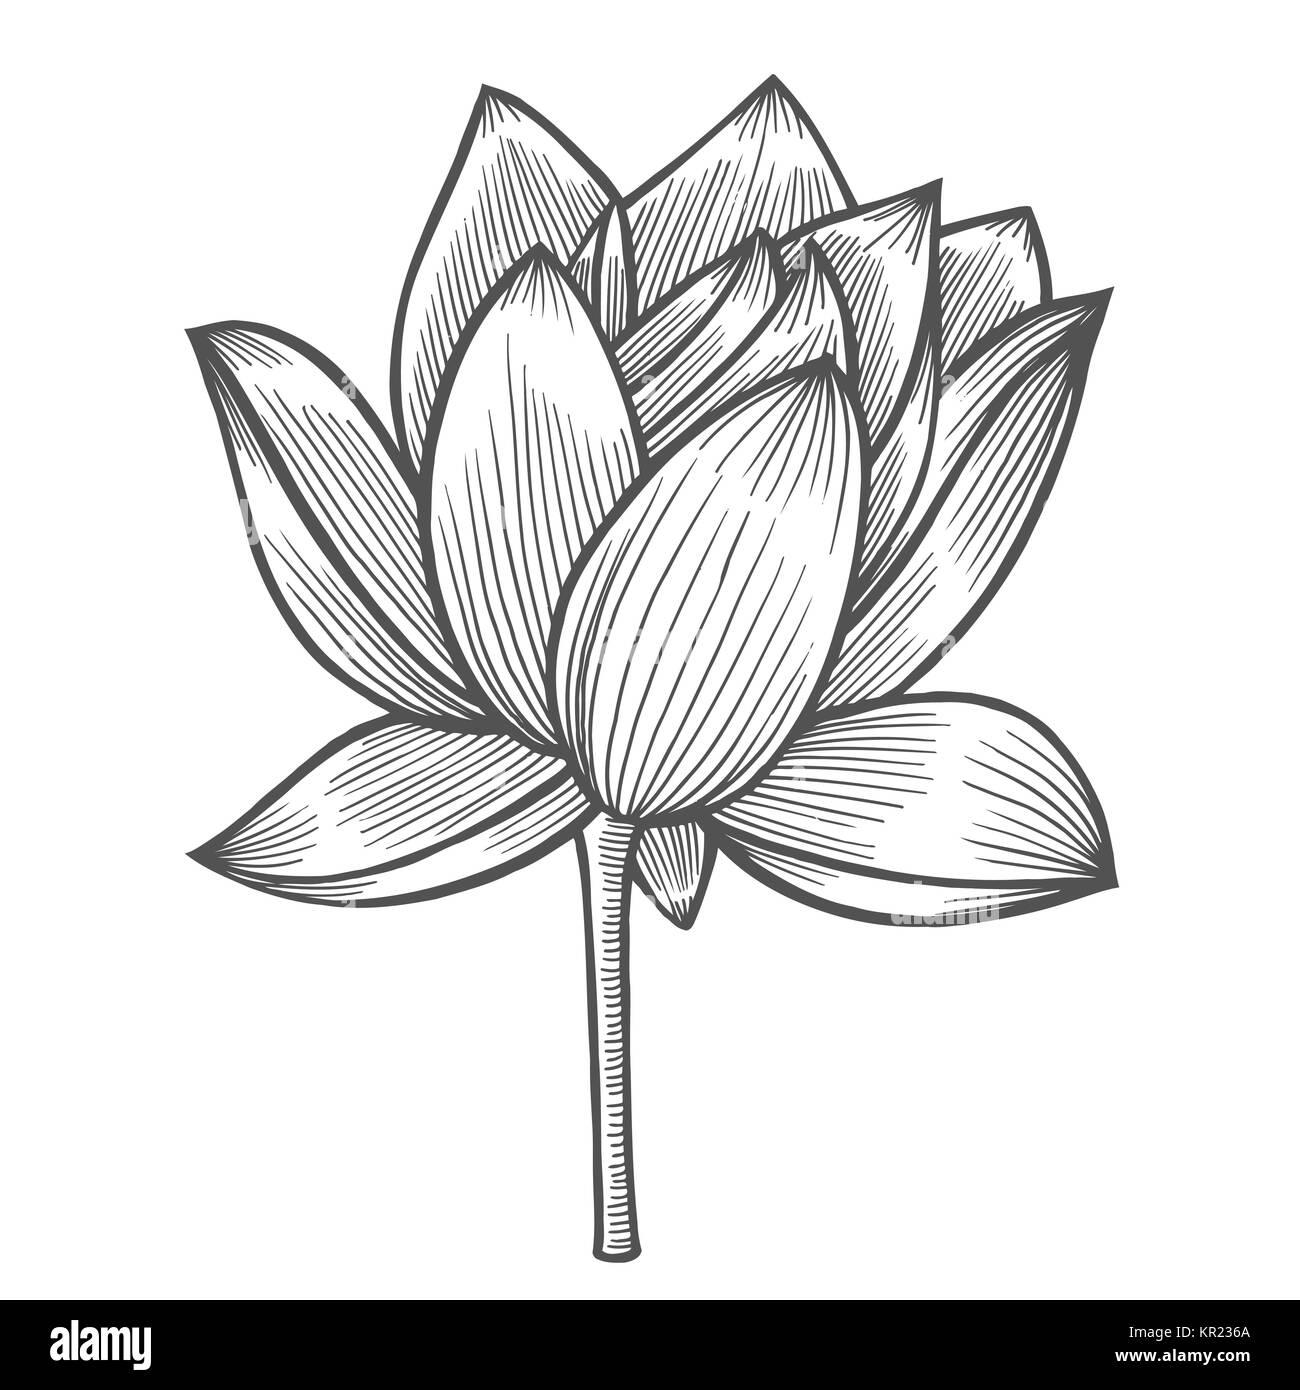 Seerose Blume Illustration, Linienmuster. Vektorgrafiken. Malbuch ...